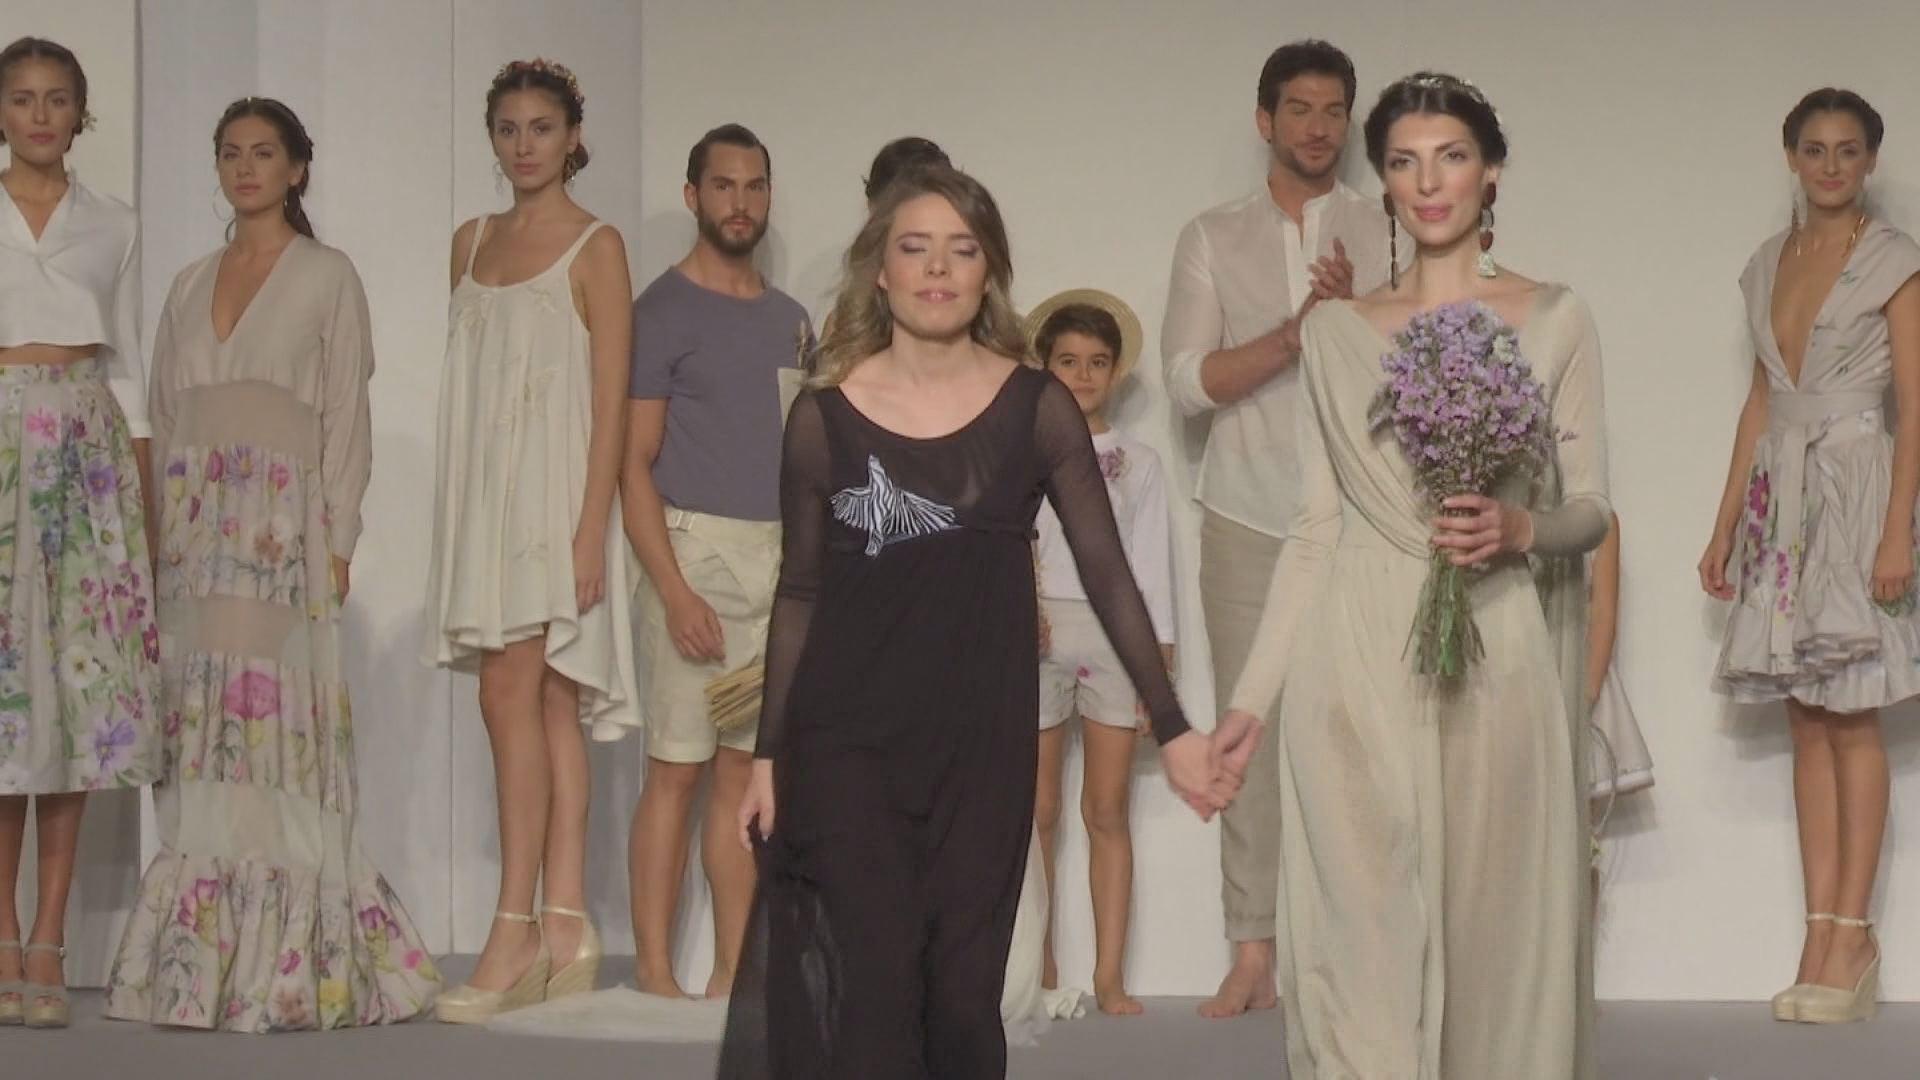 Cayecruz sevilla de boda j venes dise adores lebrija tv - Disenadores de sevilla ...